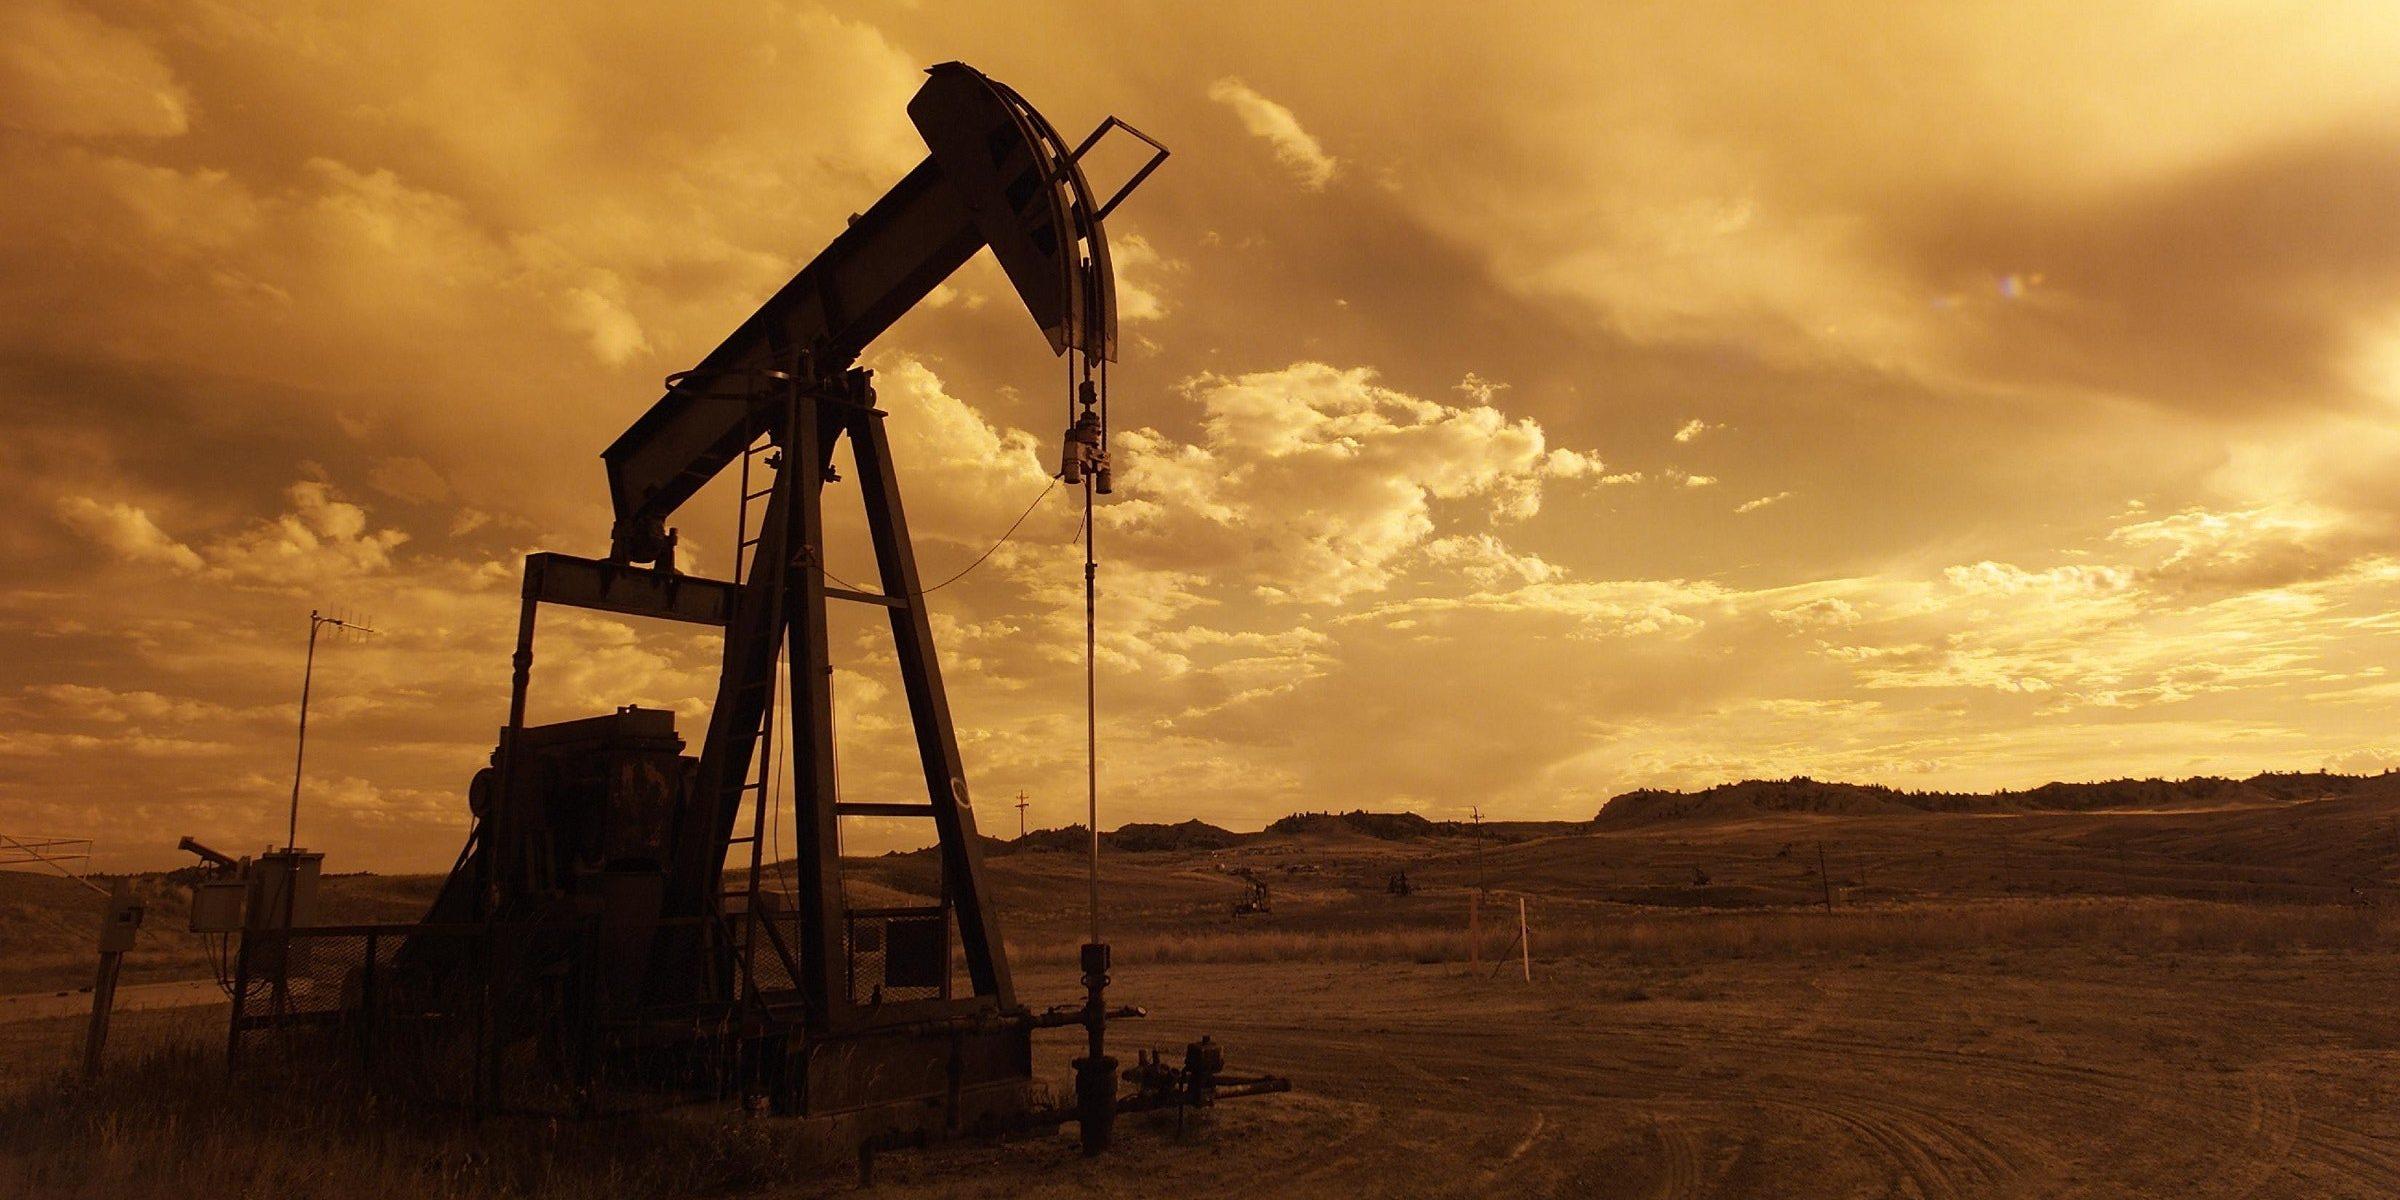 МТС создала для нефтяников 5G-ready сеть с передовыми цифровыми сервисами